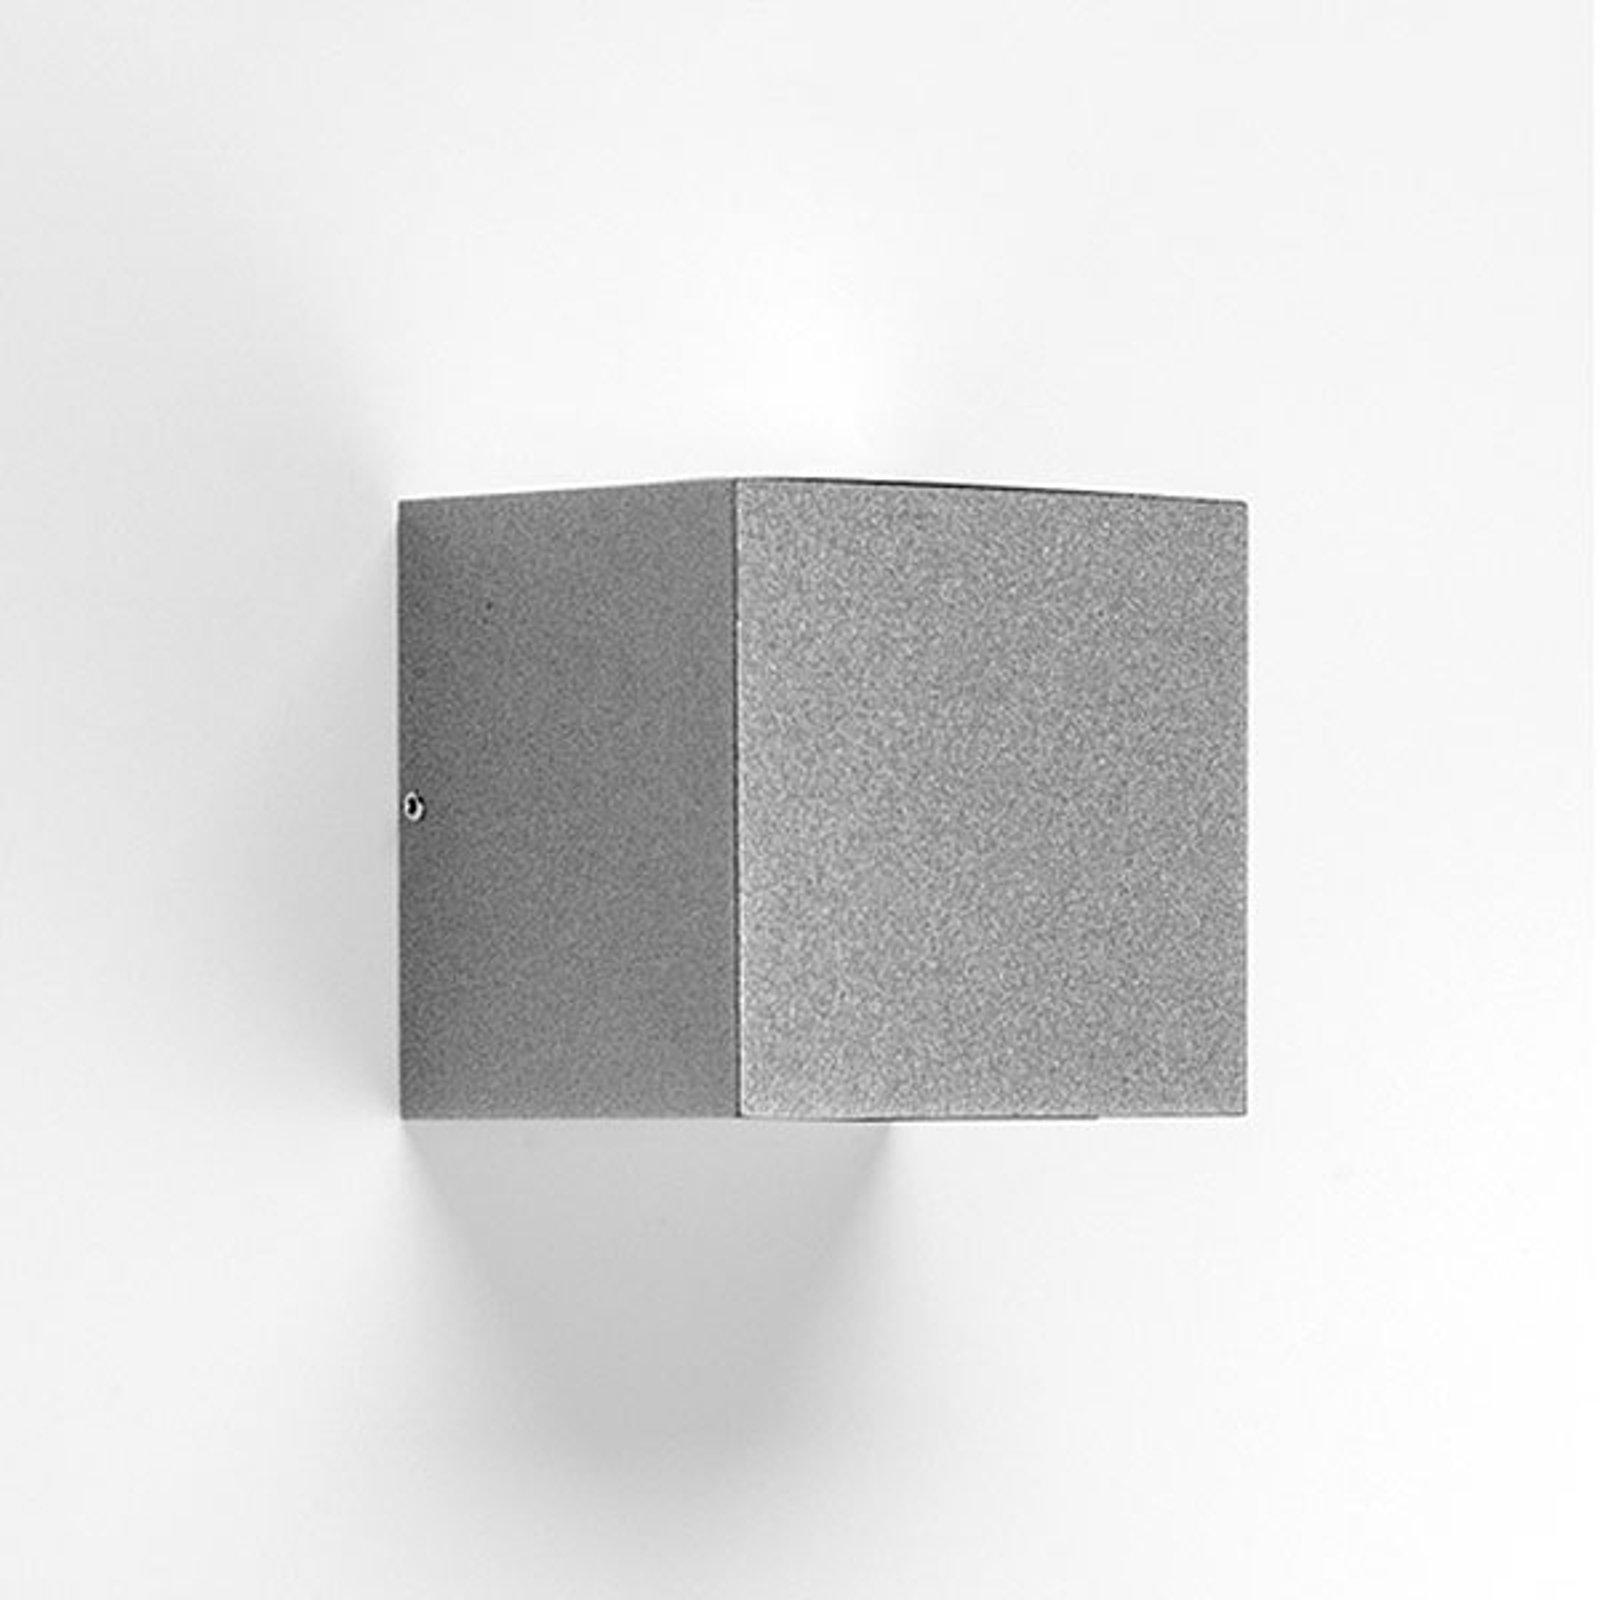 LED-vegglampe 303354 i grå, 1WB 3 000 K